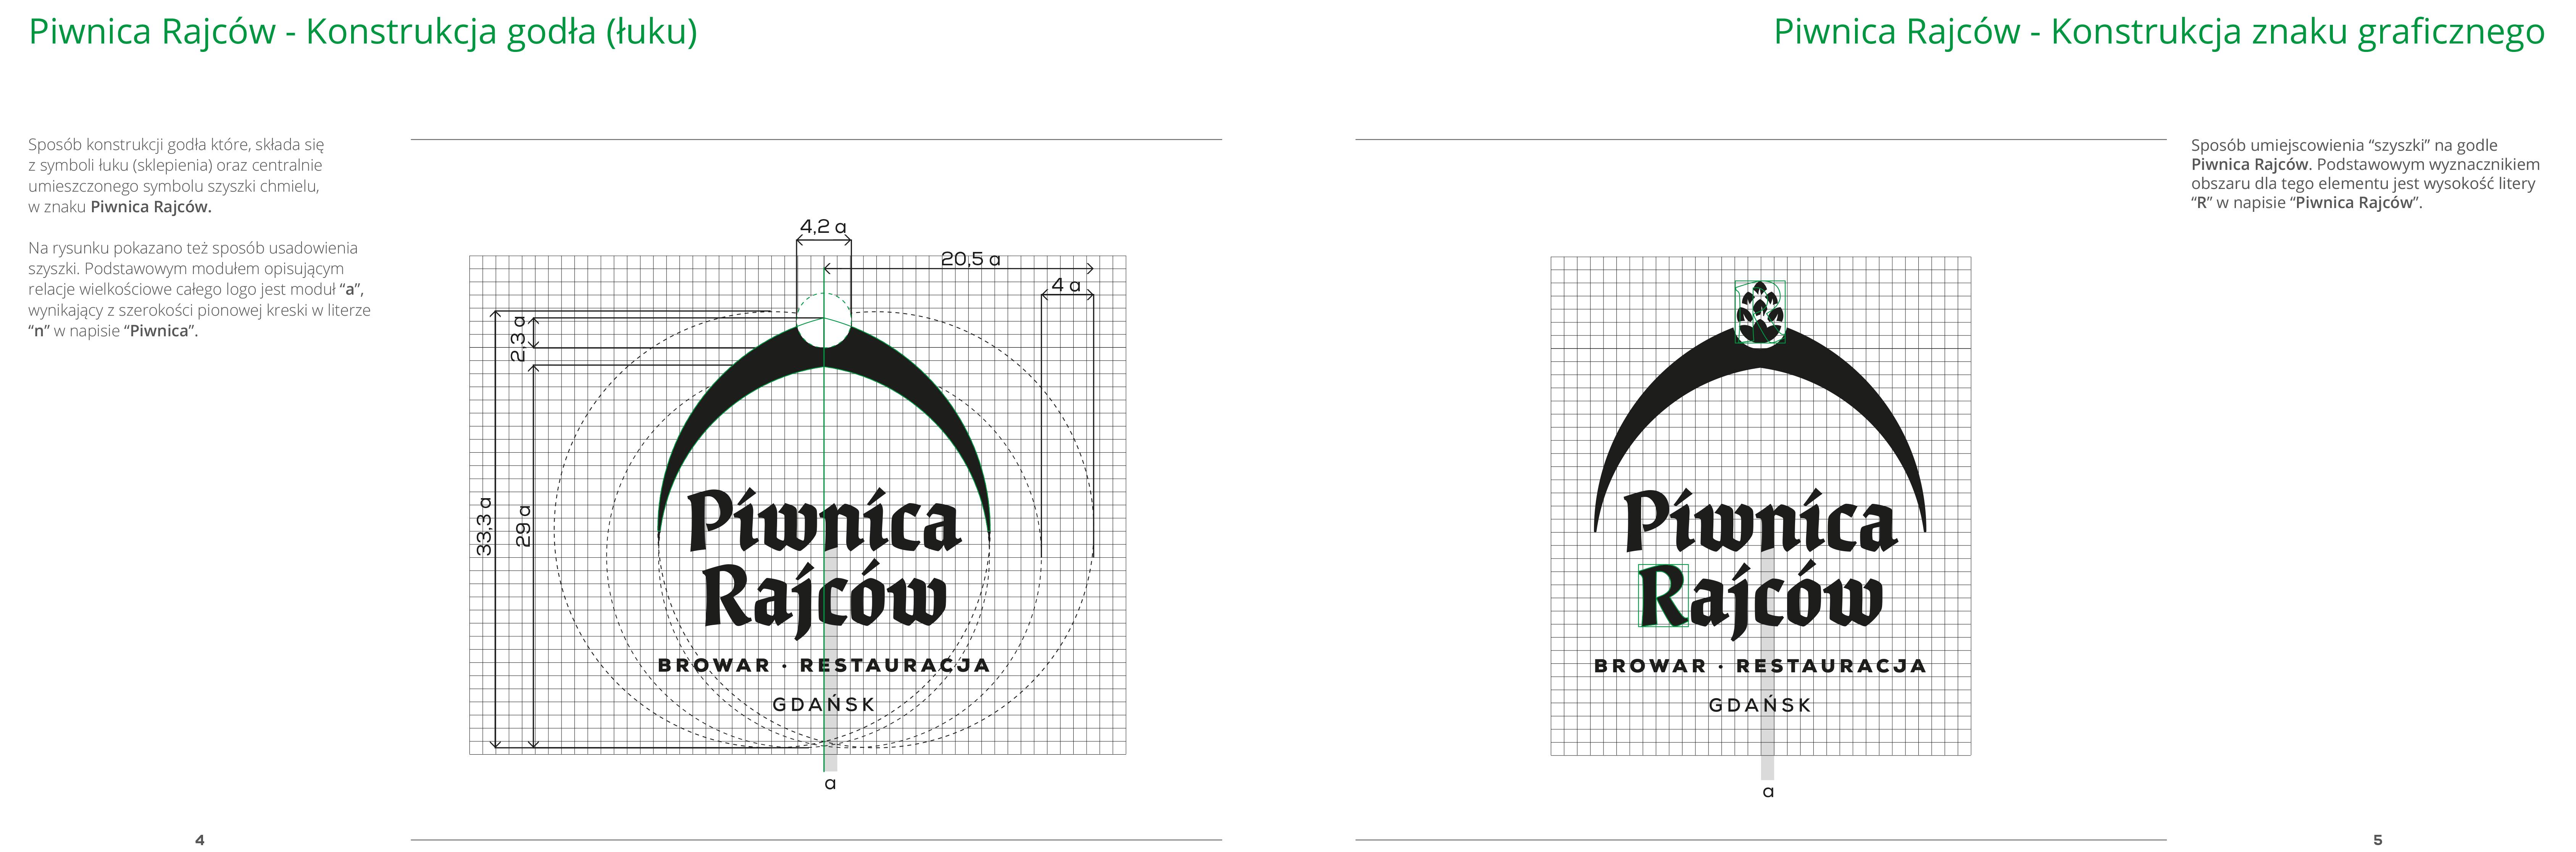 Piwnica_Rajcow_CIa3-3